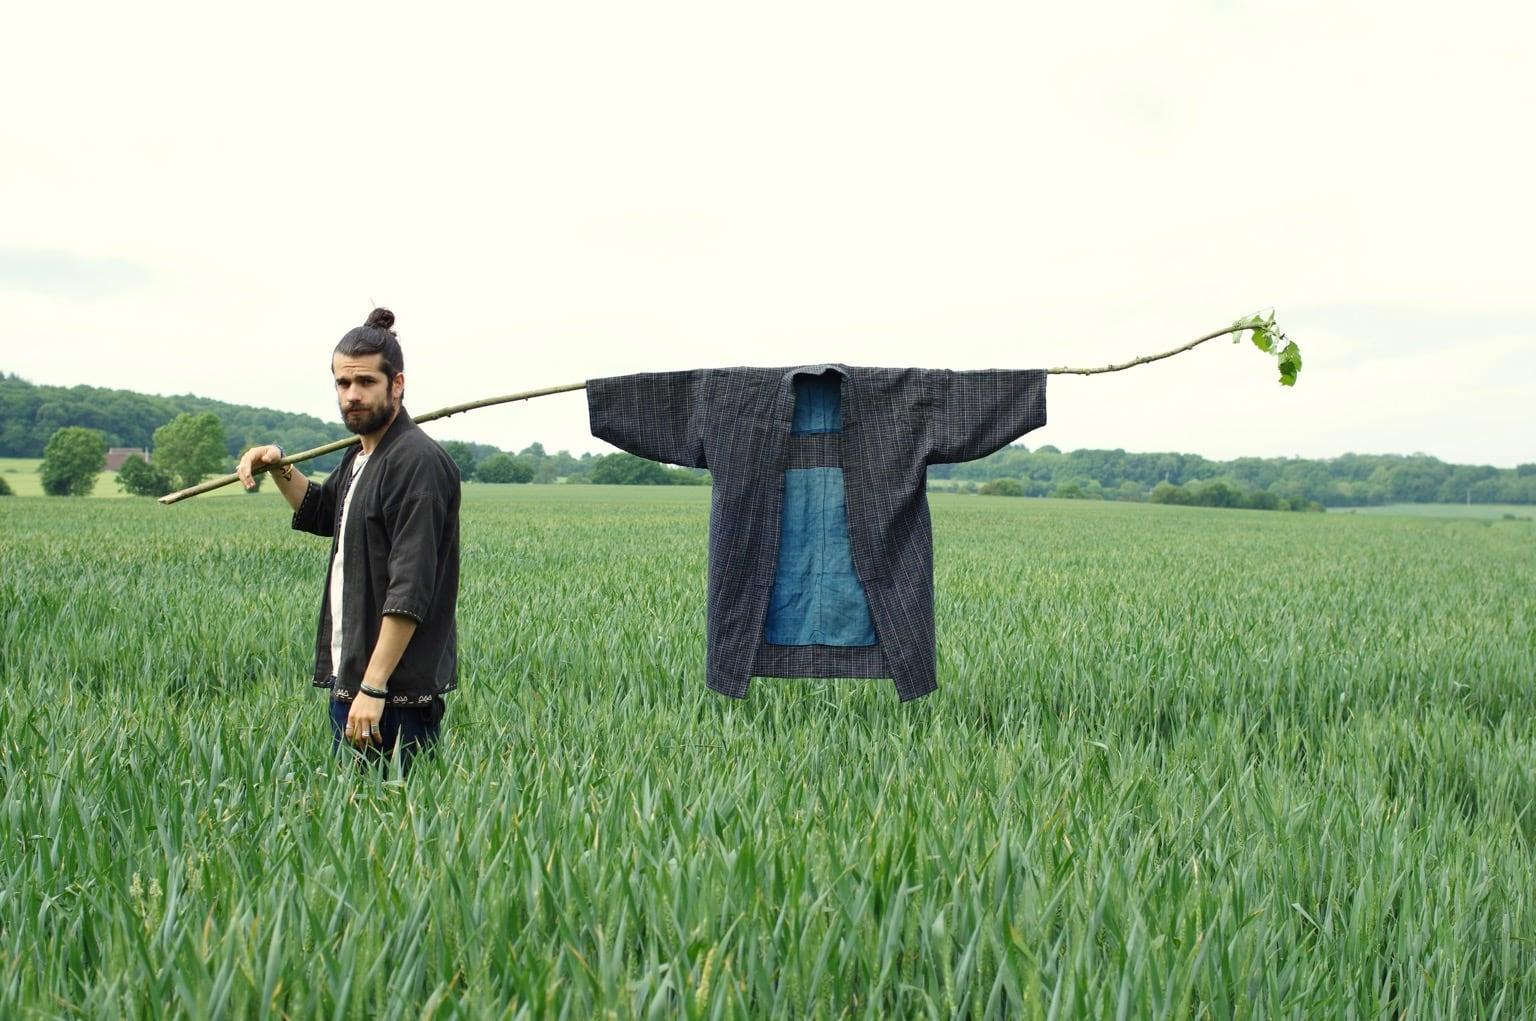 histoire et origine de la veste noragi- vêtement de fermier du japon rural